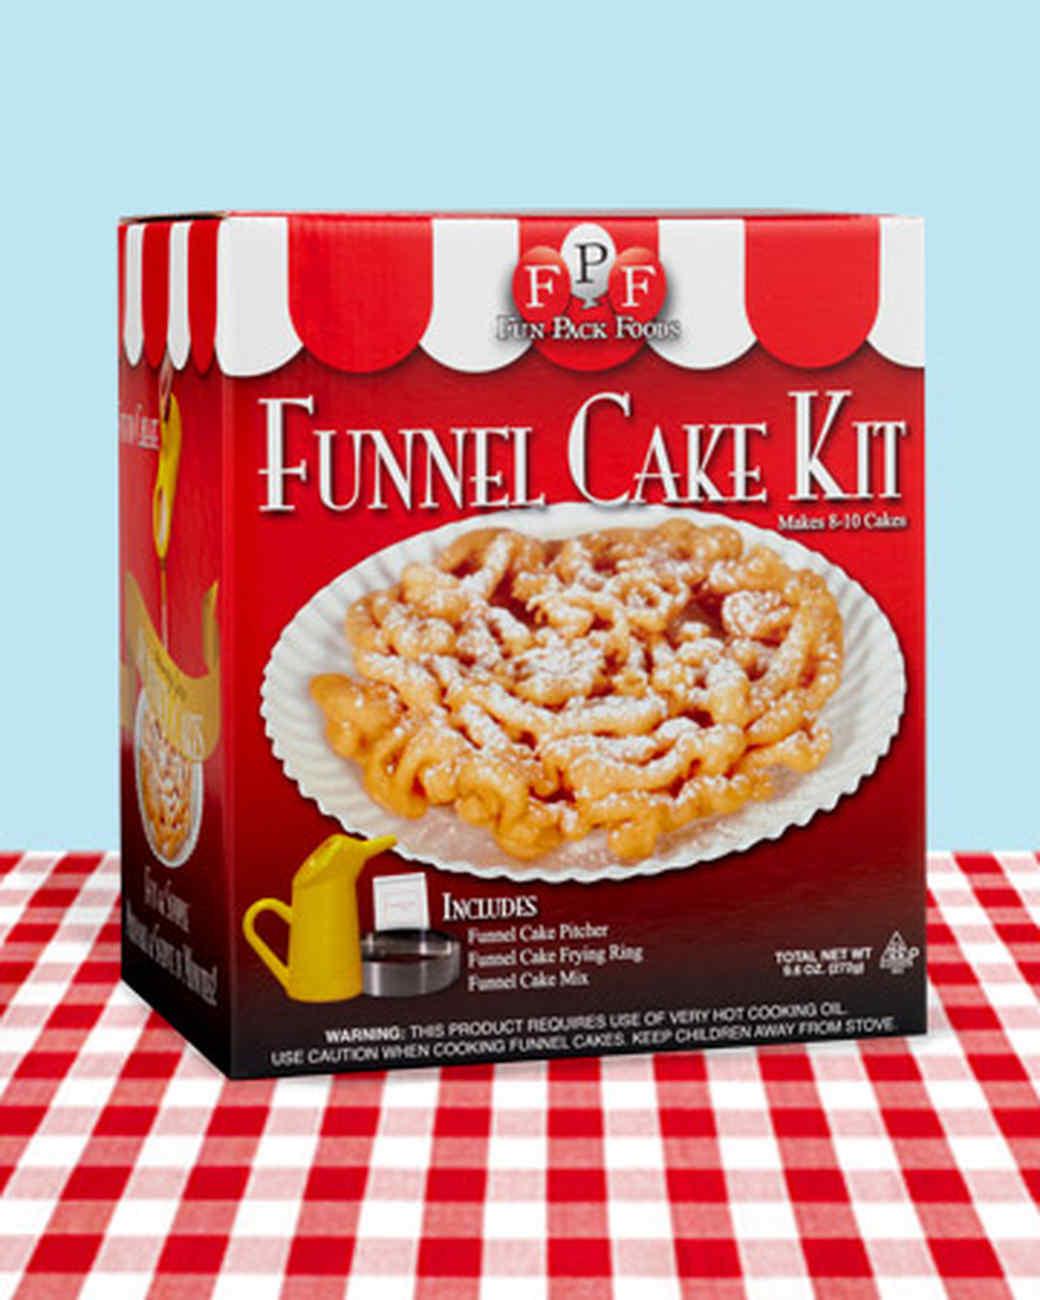 cpwm_funnelcakeKit_6.jpg